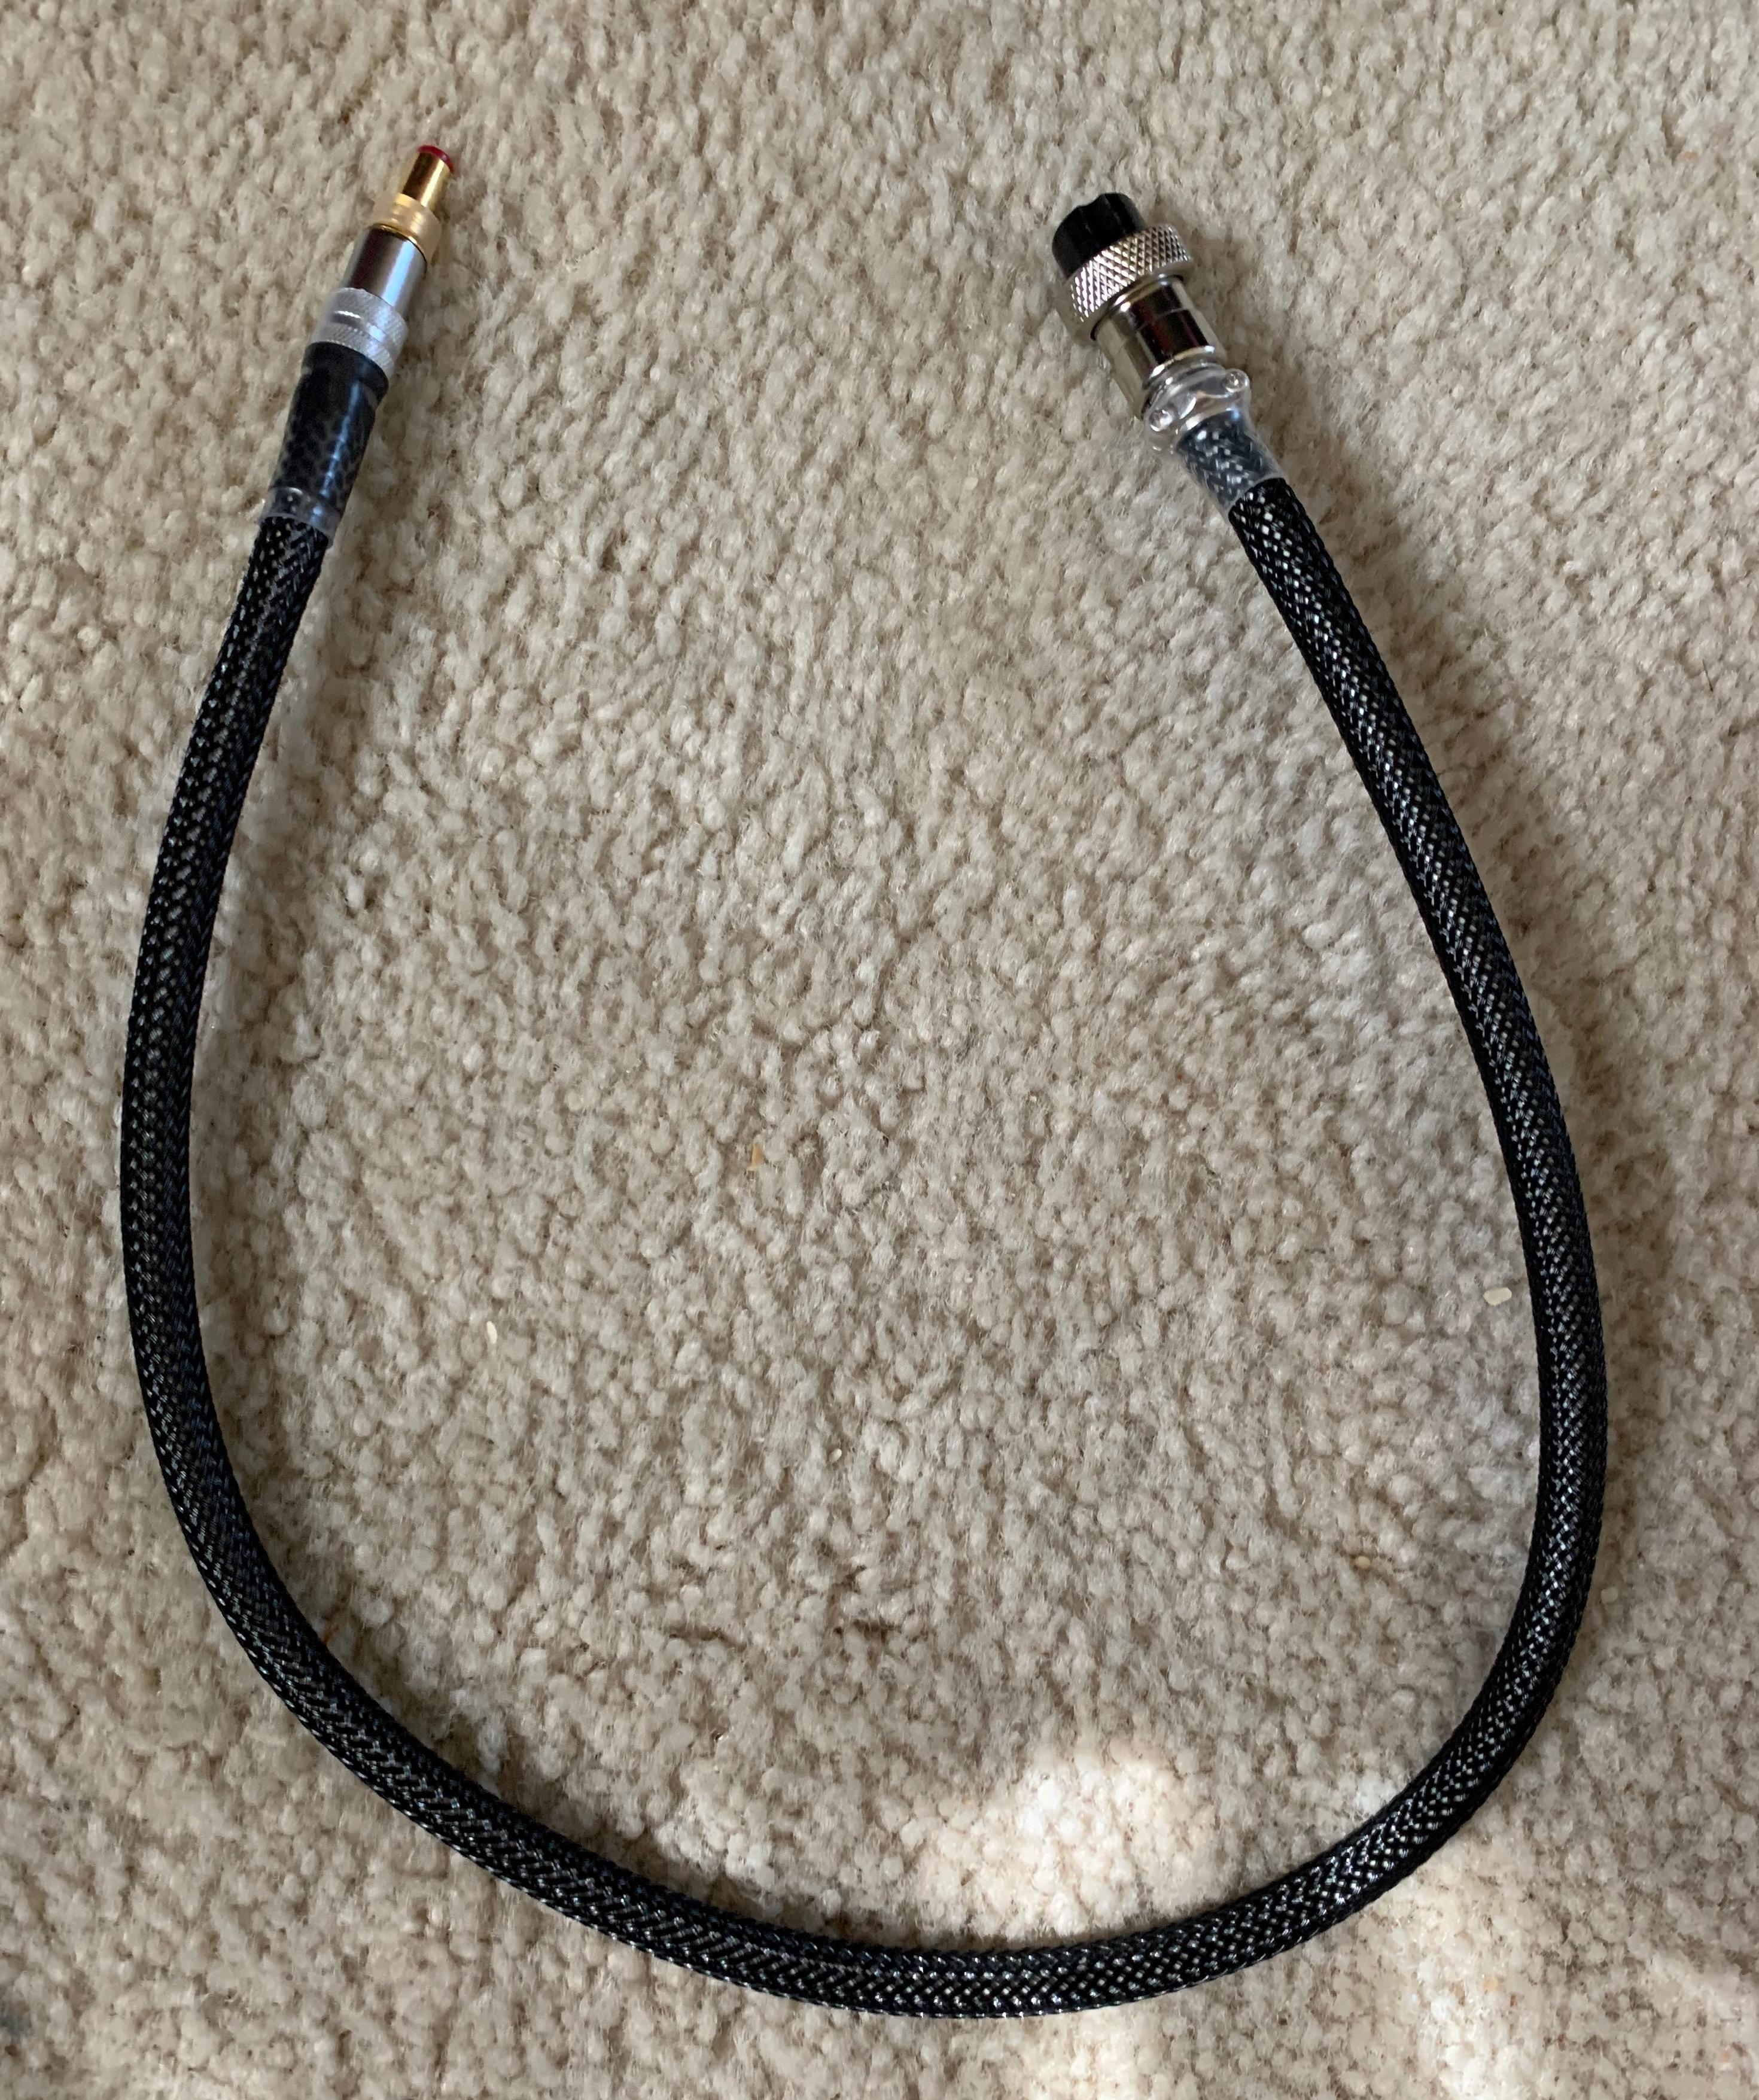 Farad Level 2 copper DC cable